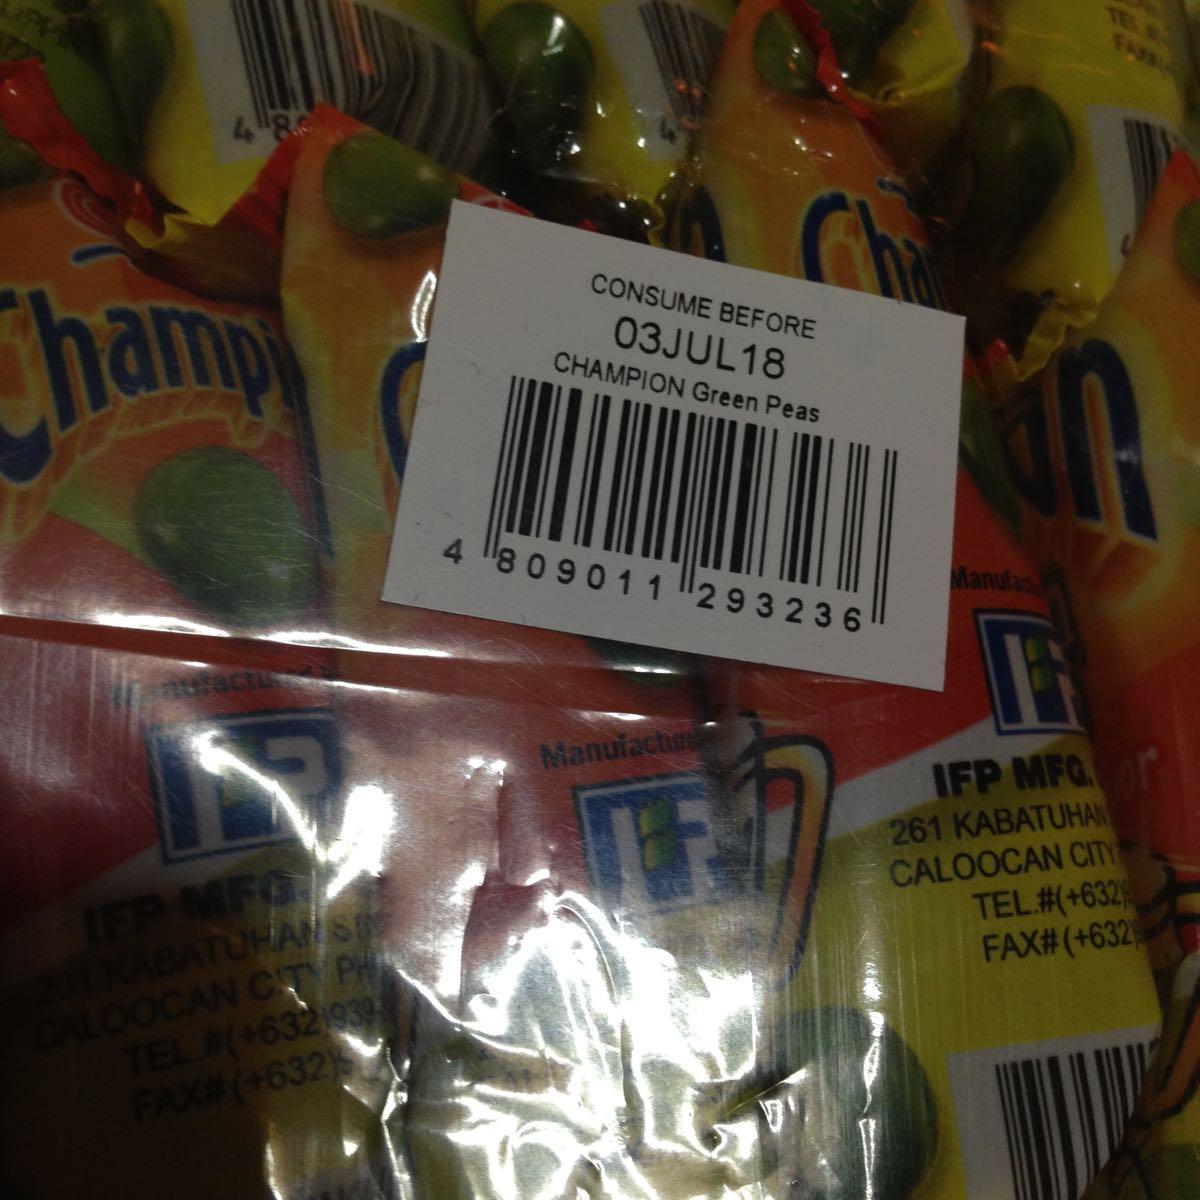 フィリピン おつまみ菓子 Champion Green peas 12p入り お得!(◎_◎;)_画像5